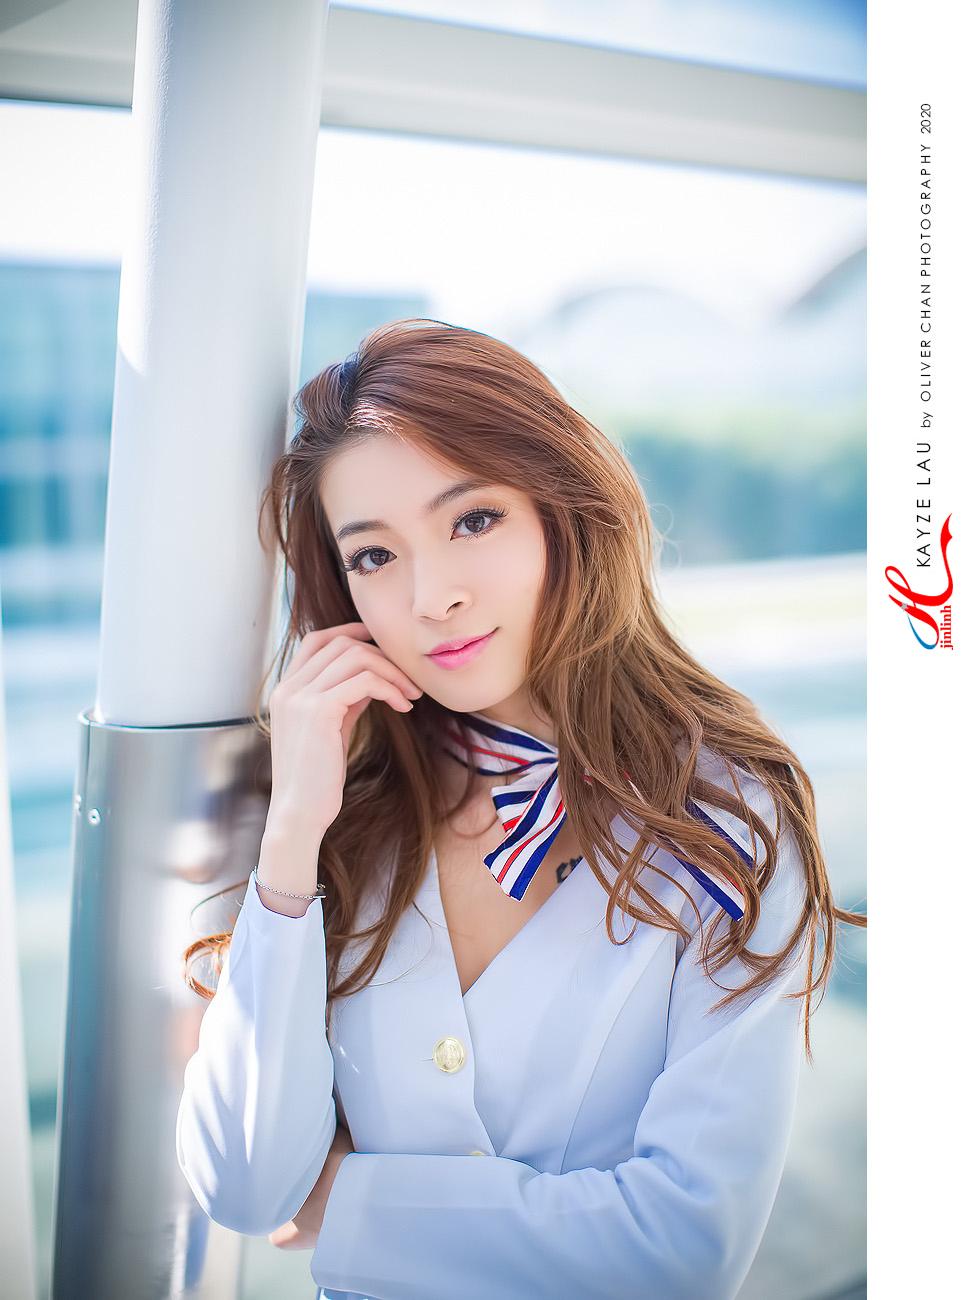 ★制服女生……[xoliverx作品 Kayze Lau 200p]……第285辑